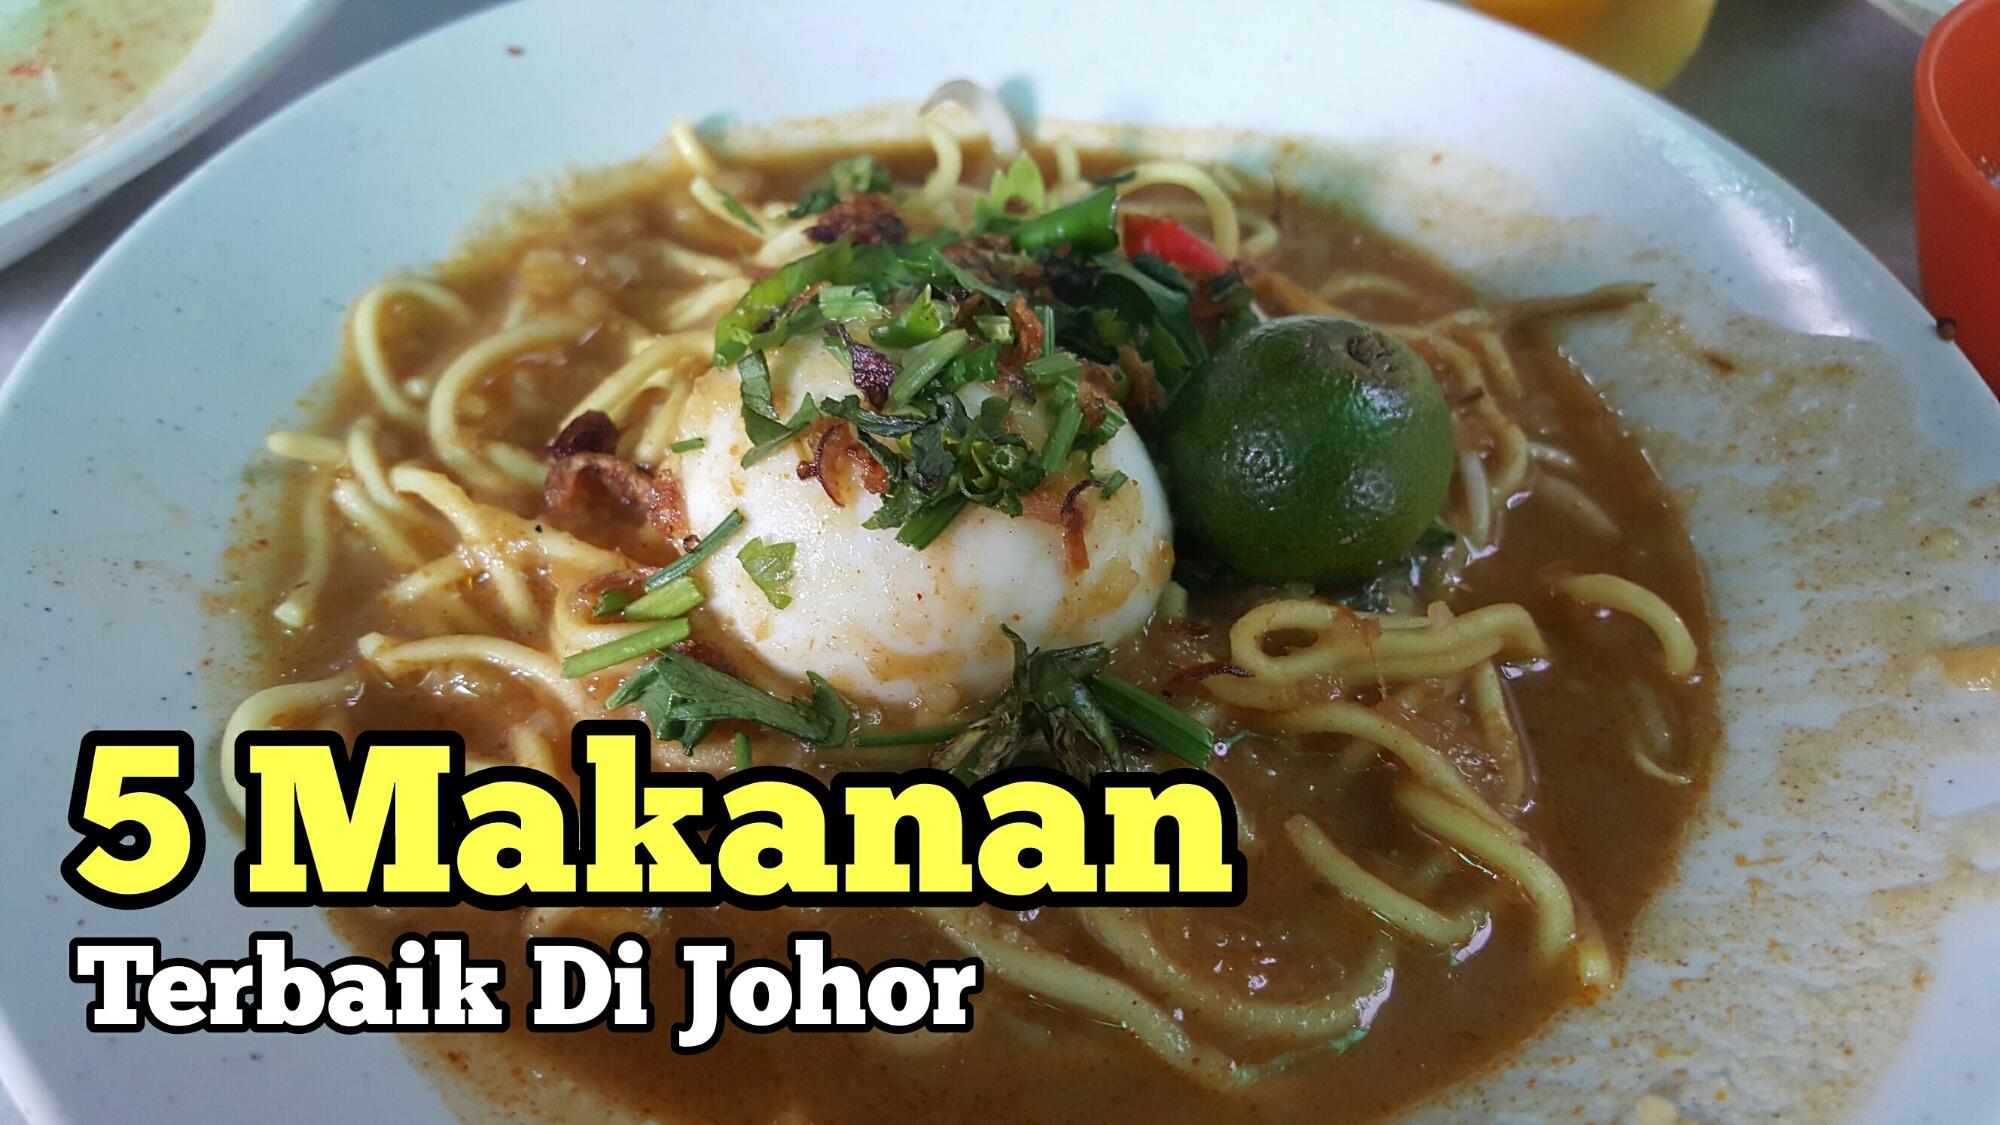 5 Makanan Terbaik Patut Anda Cuba Di Johor